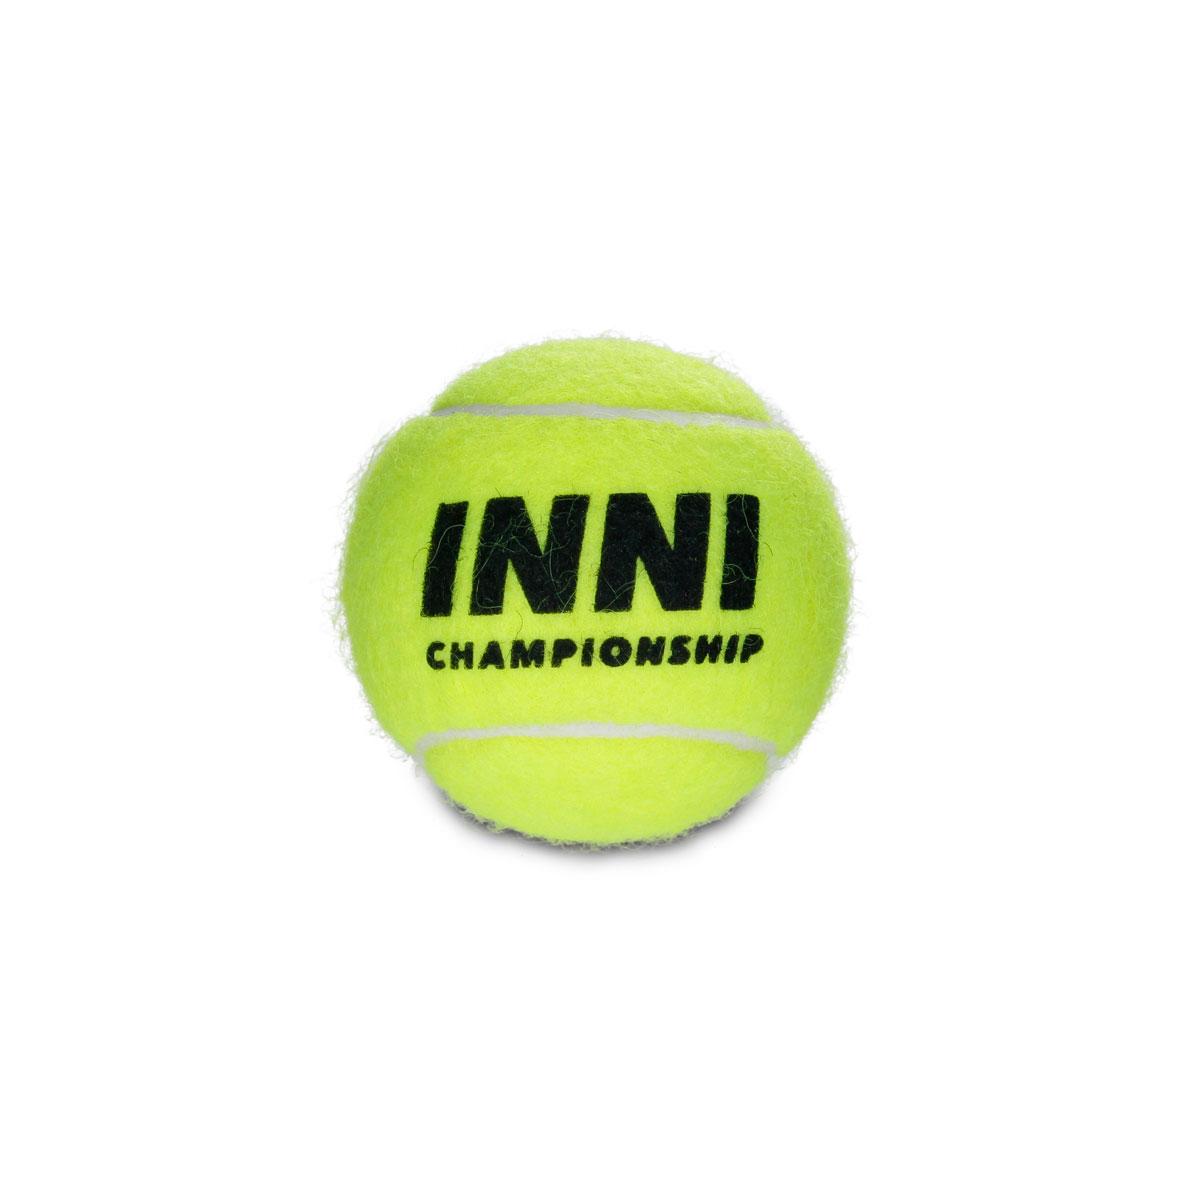 Bola De Tênis Inni Championship - Caixa C/ 24 Tubos De 3 Bolas